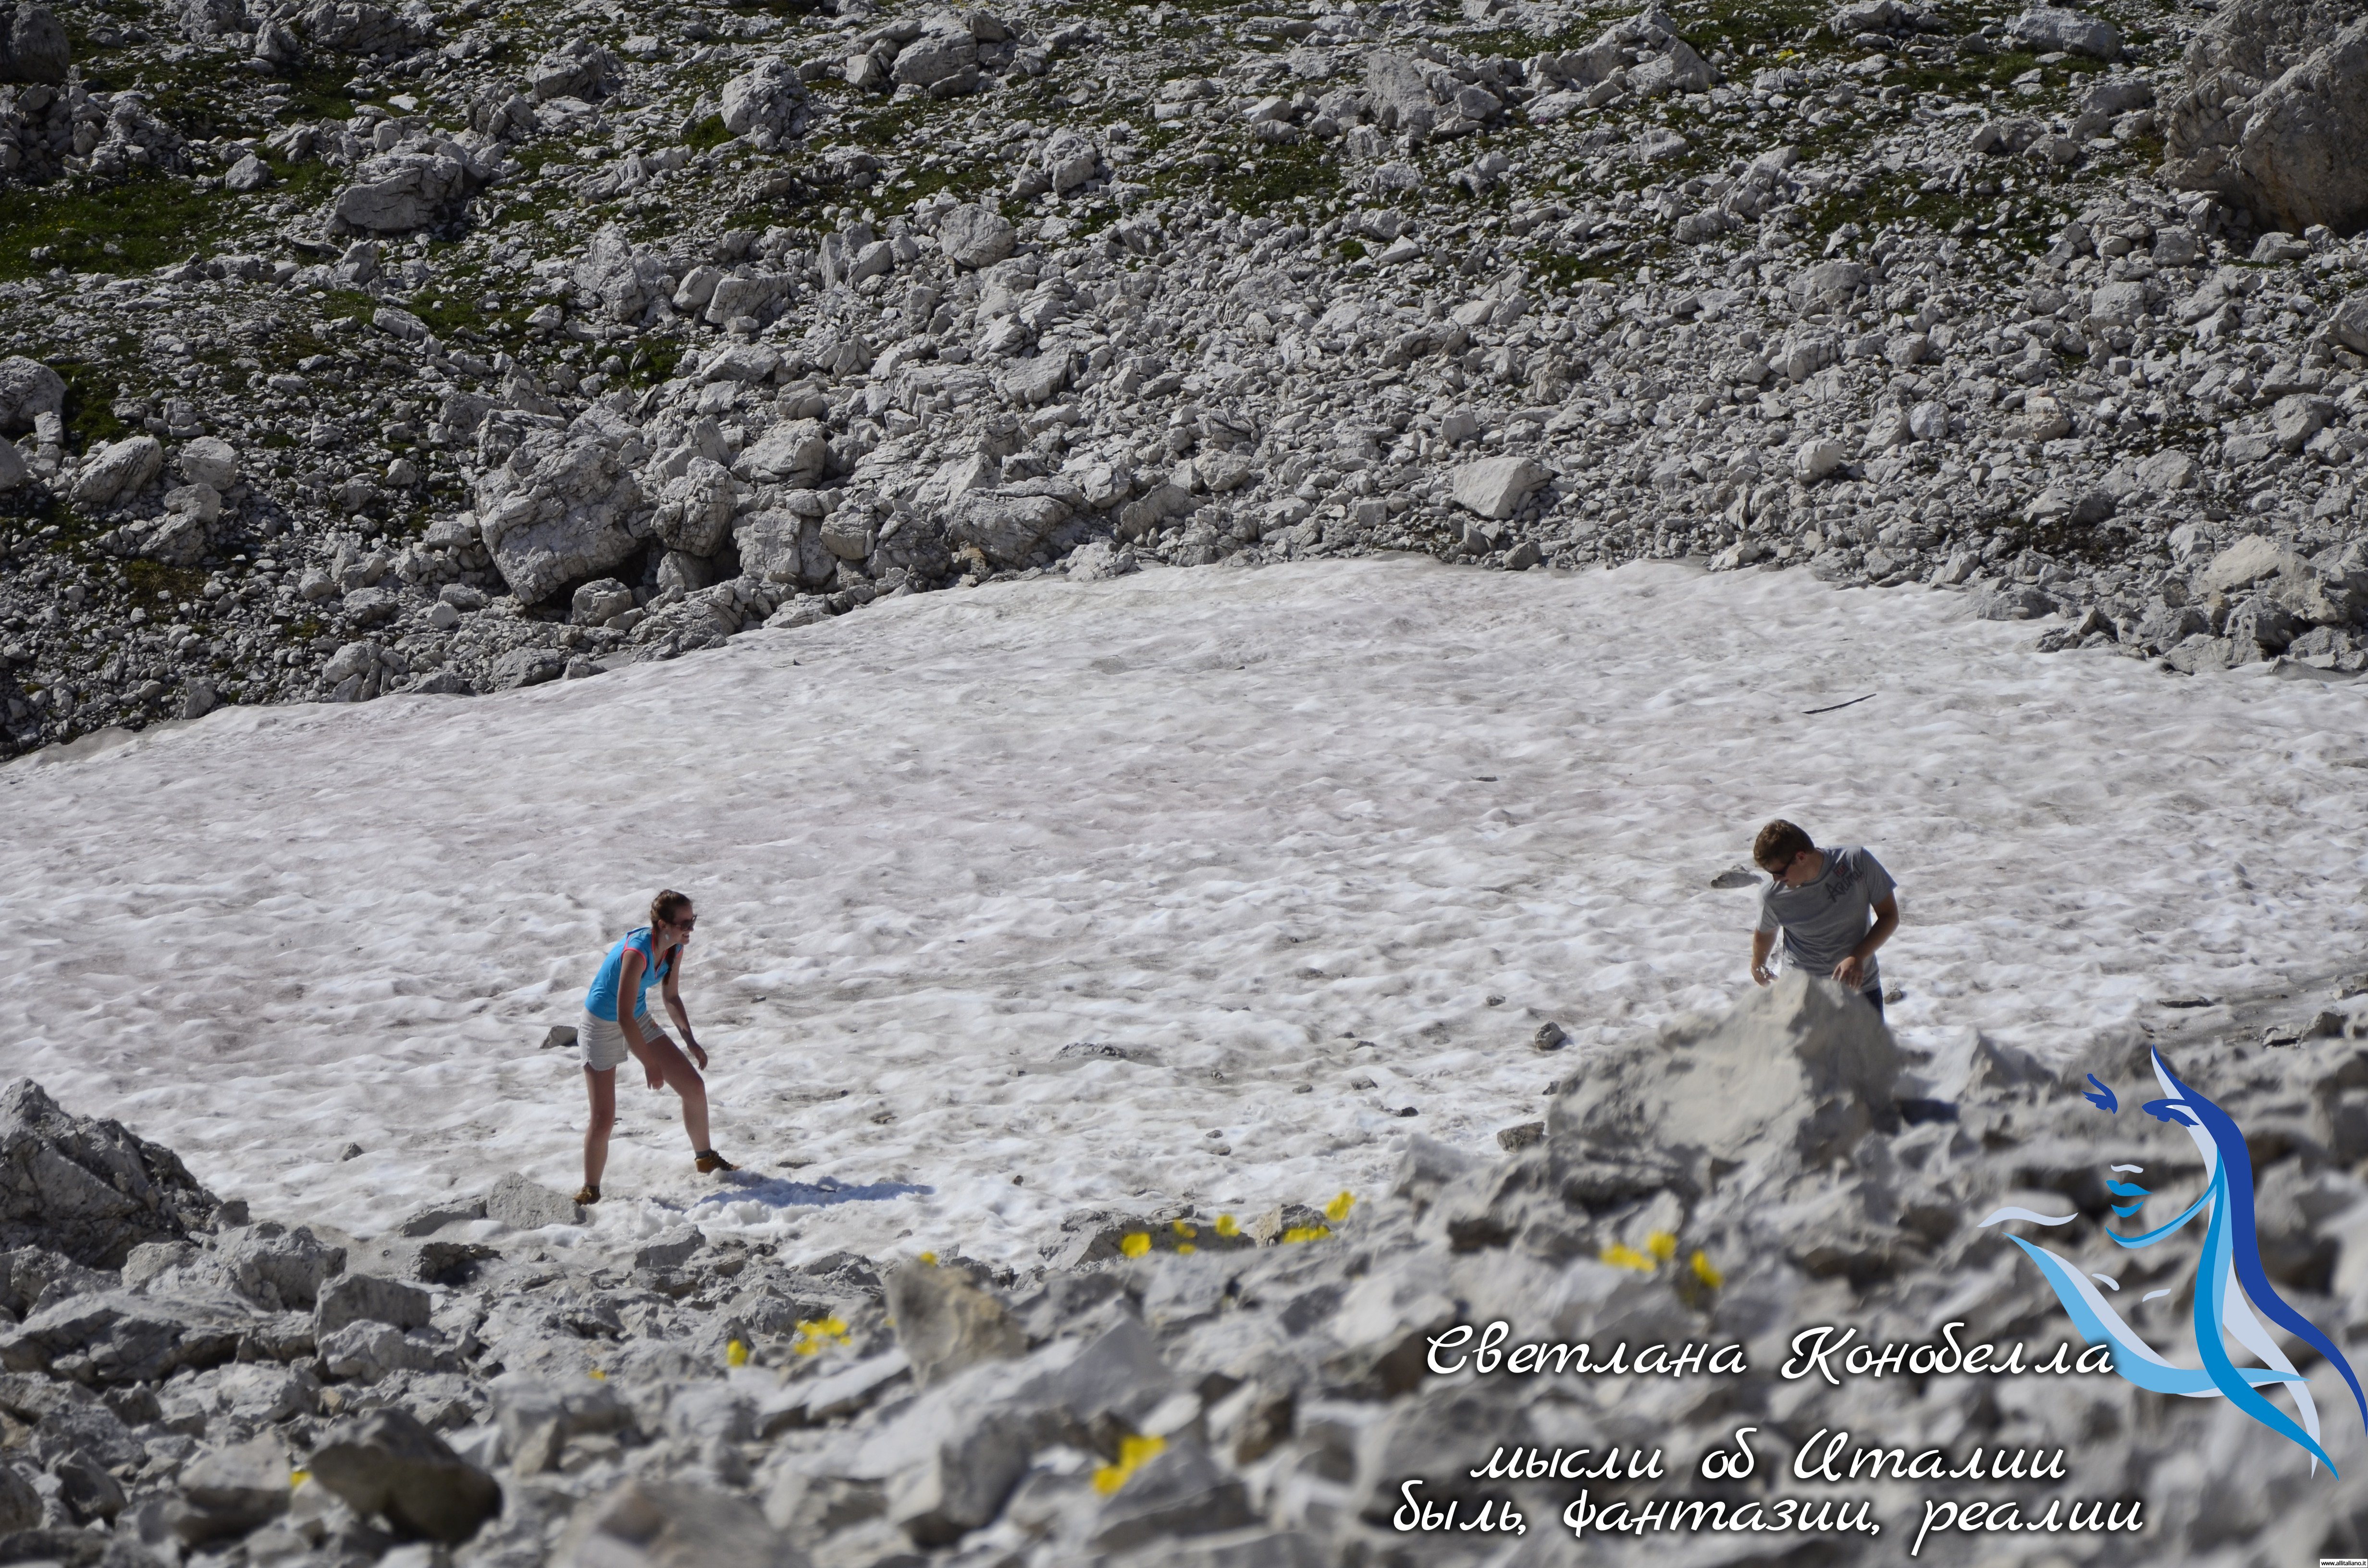 svetlana-konobella-italy-italia- gornye-puteshestvija-dolomitovye-alpy-trekking-hiking-juzhnyj-tirol-alto-adoge (11)